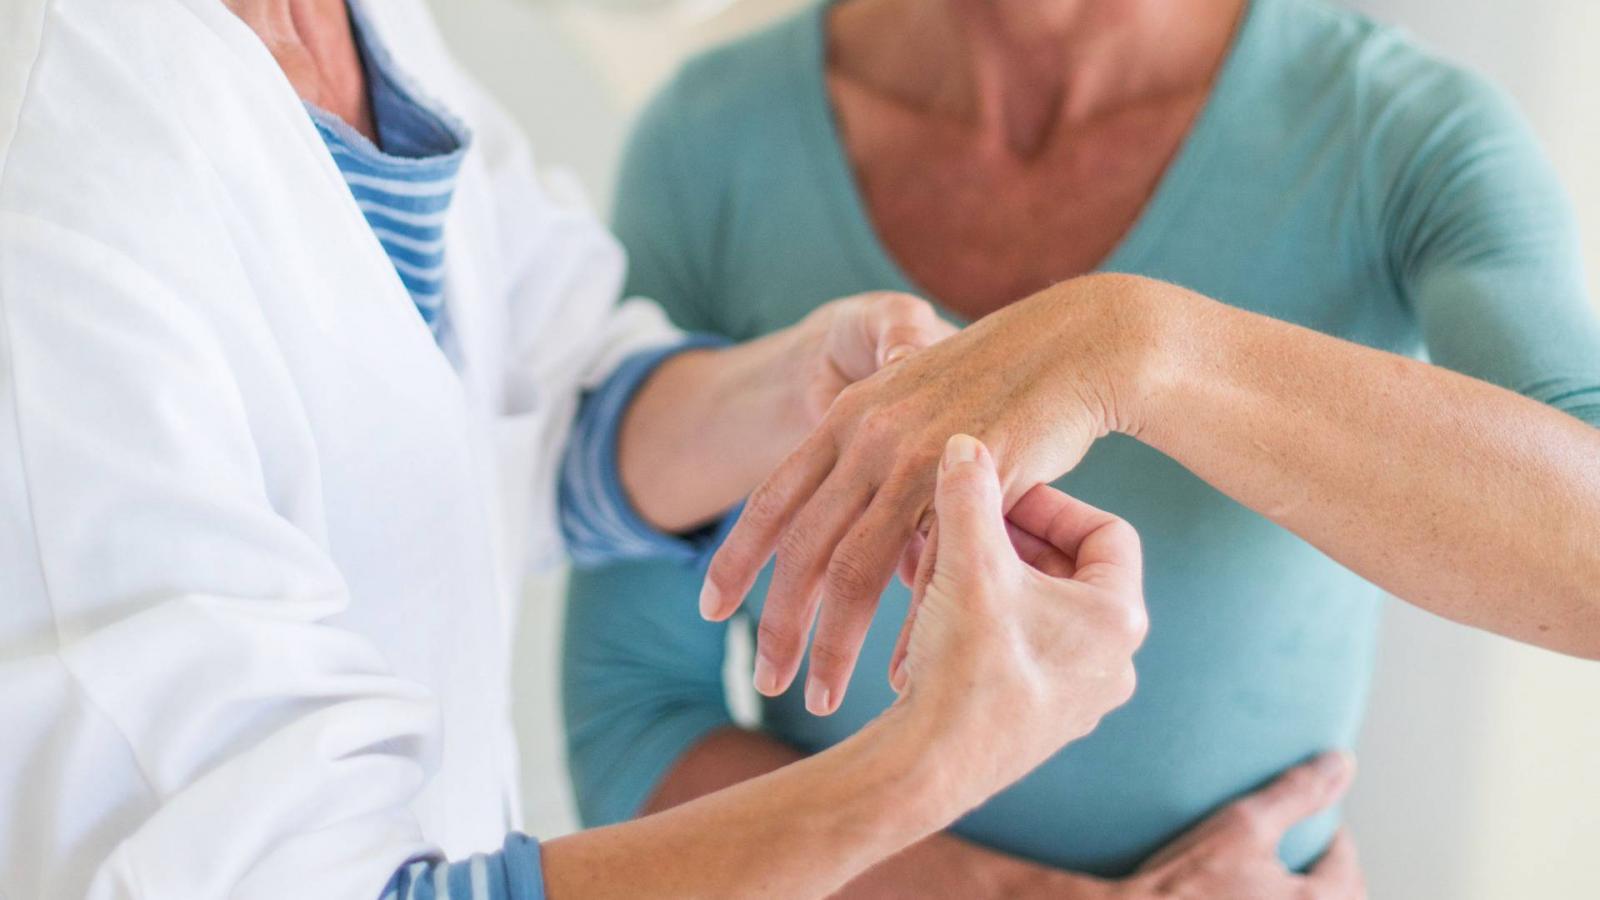 hogyan kezeljük az ízületi gyulladást és az ízületi gyulladást)